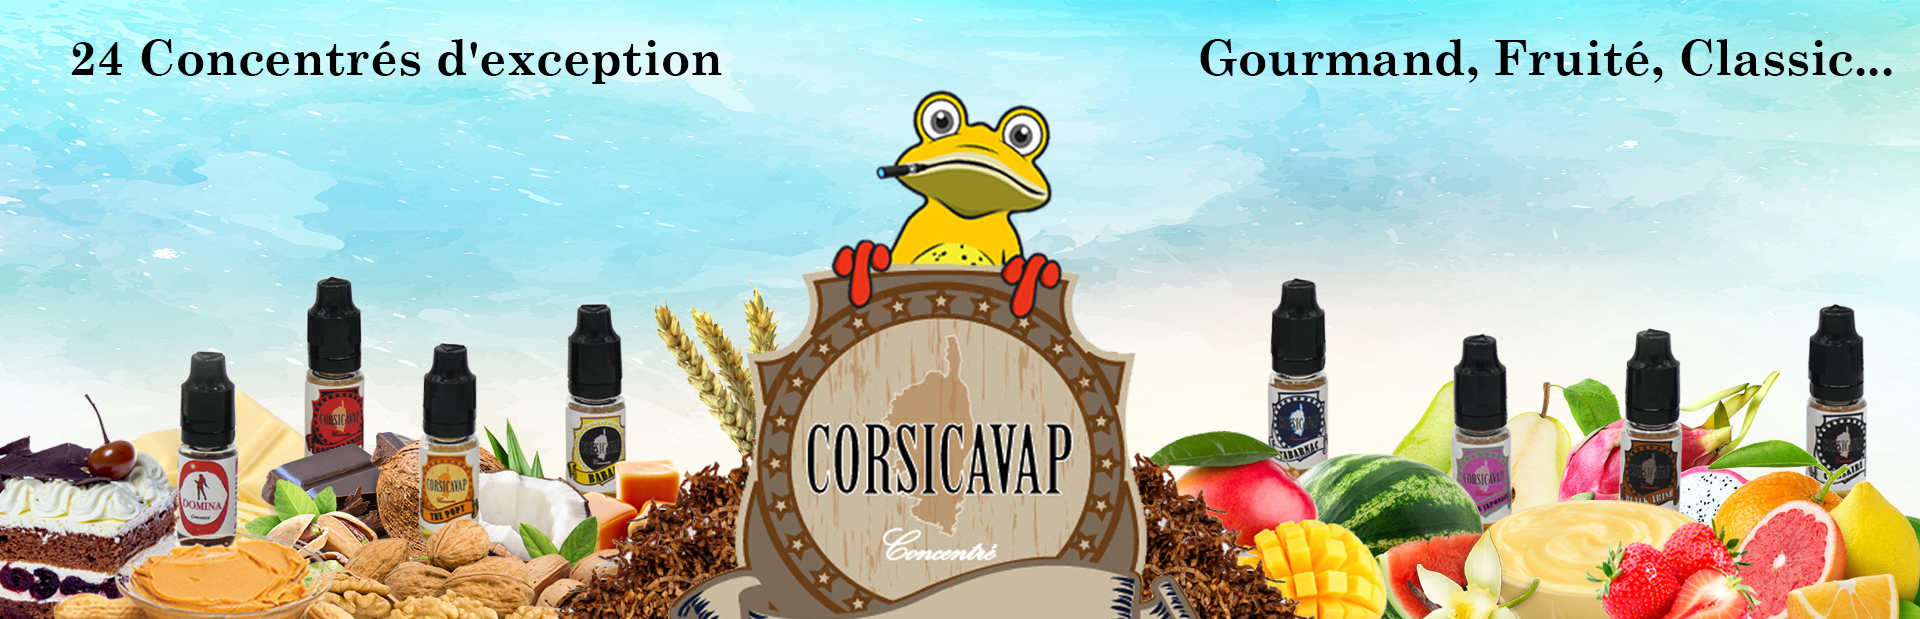 Corsicavap arômes concentrés liste compléte selection